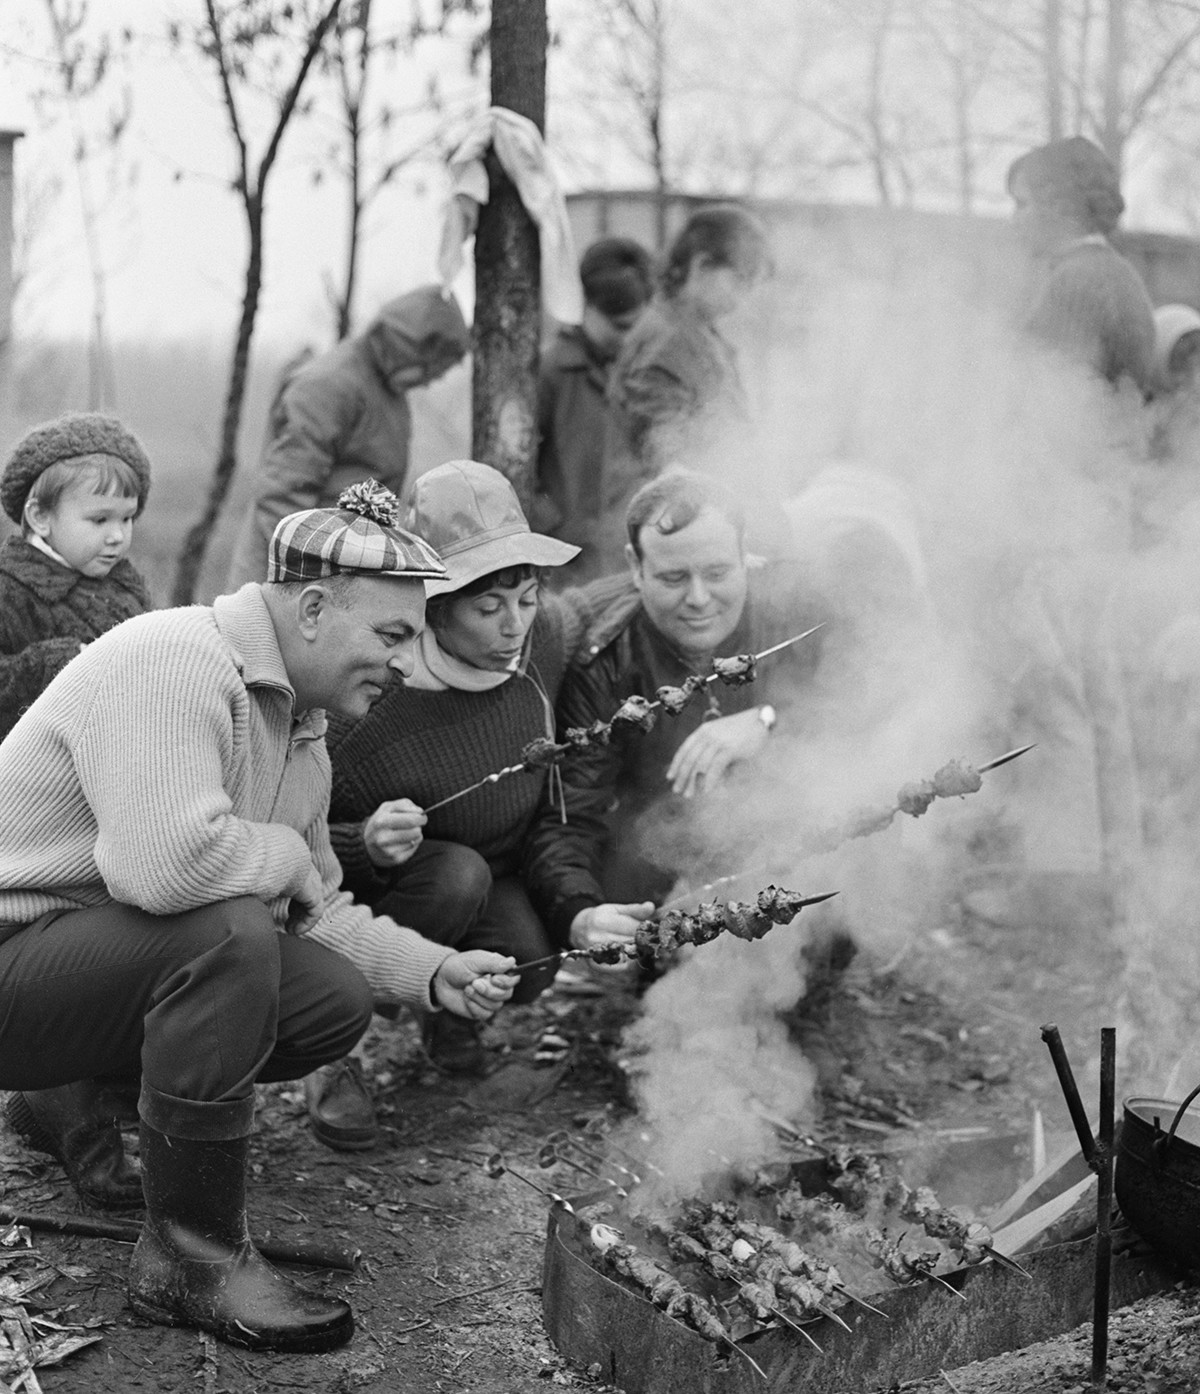 Engenheiros franceses, alemães e soviéticos grelhando carne em seu dia de folga em Grózni, 1970